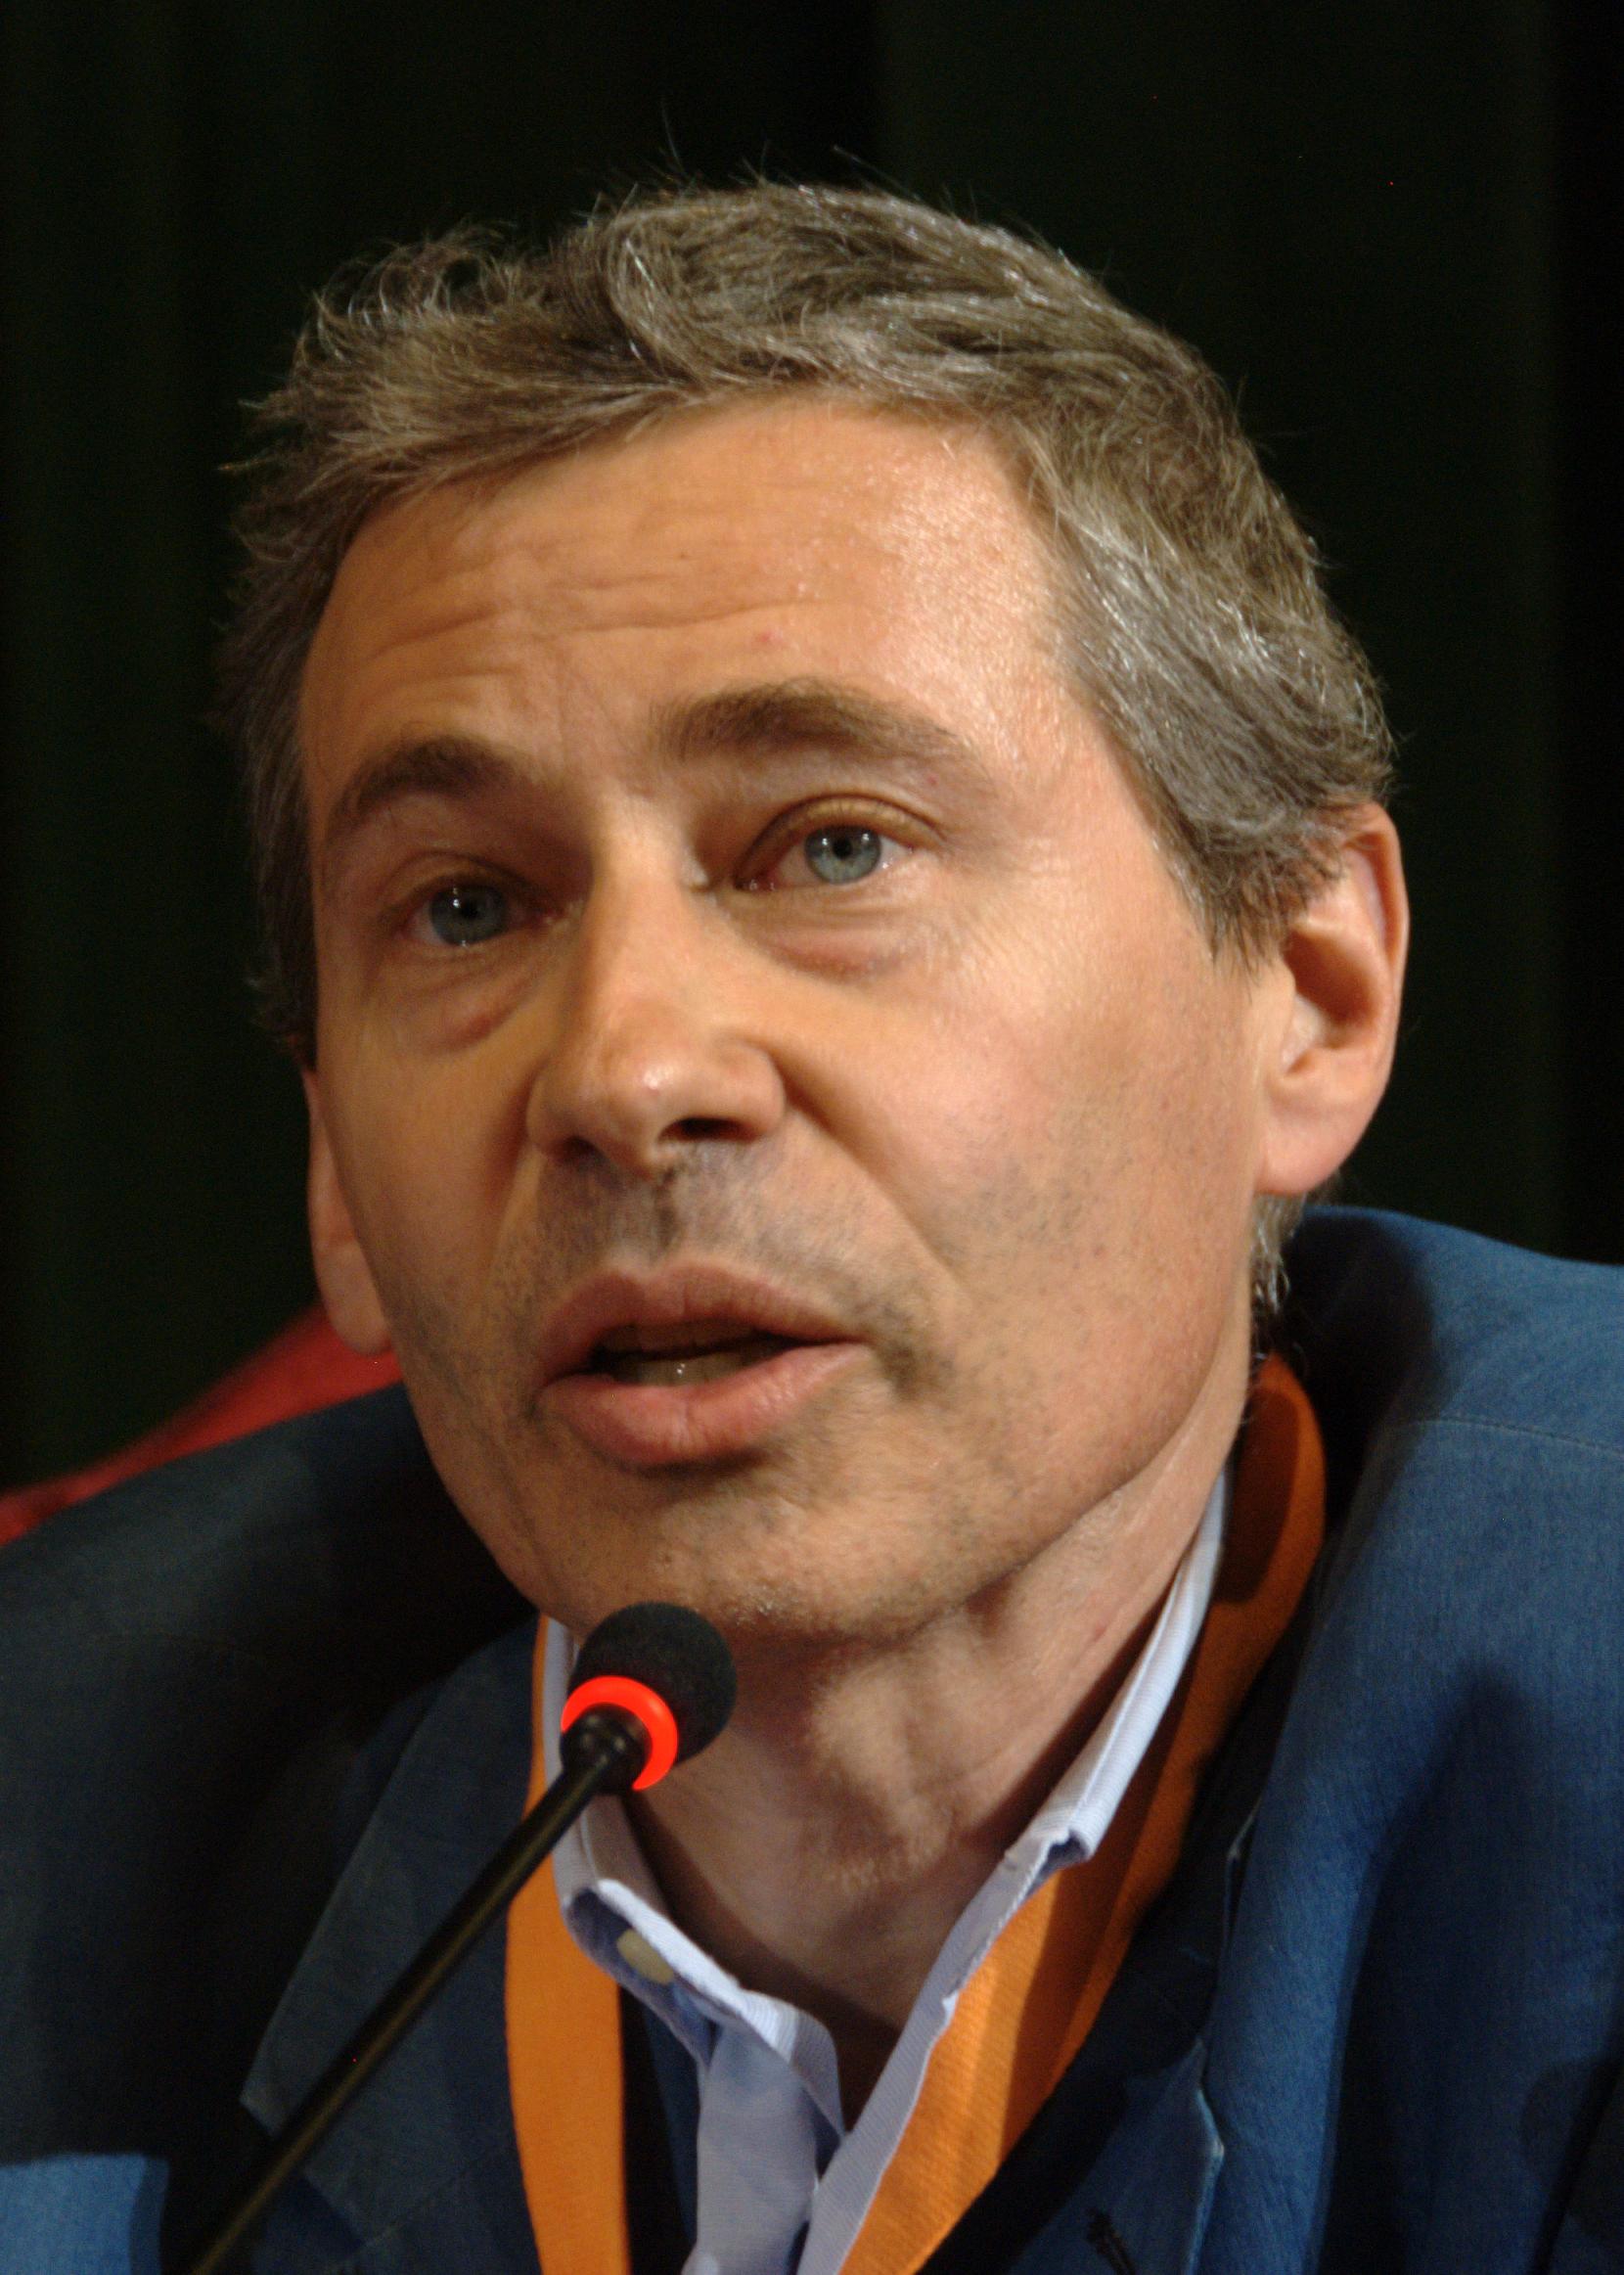 Alexander Stille